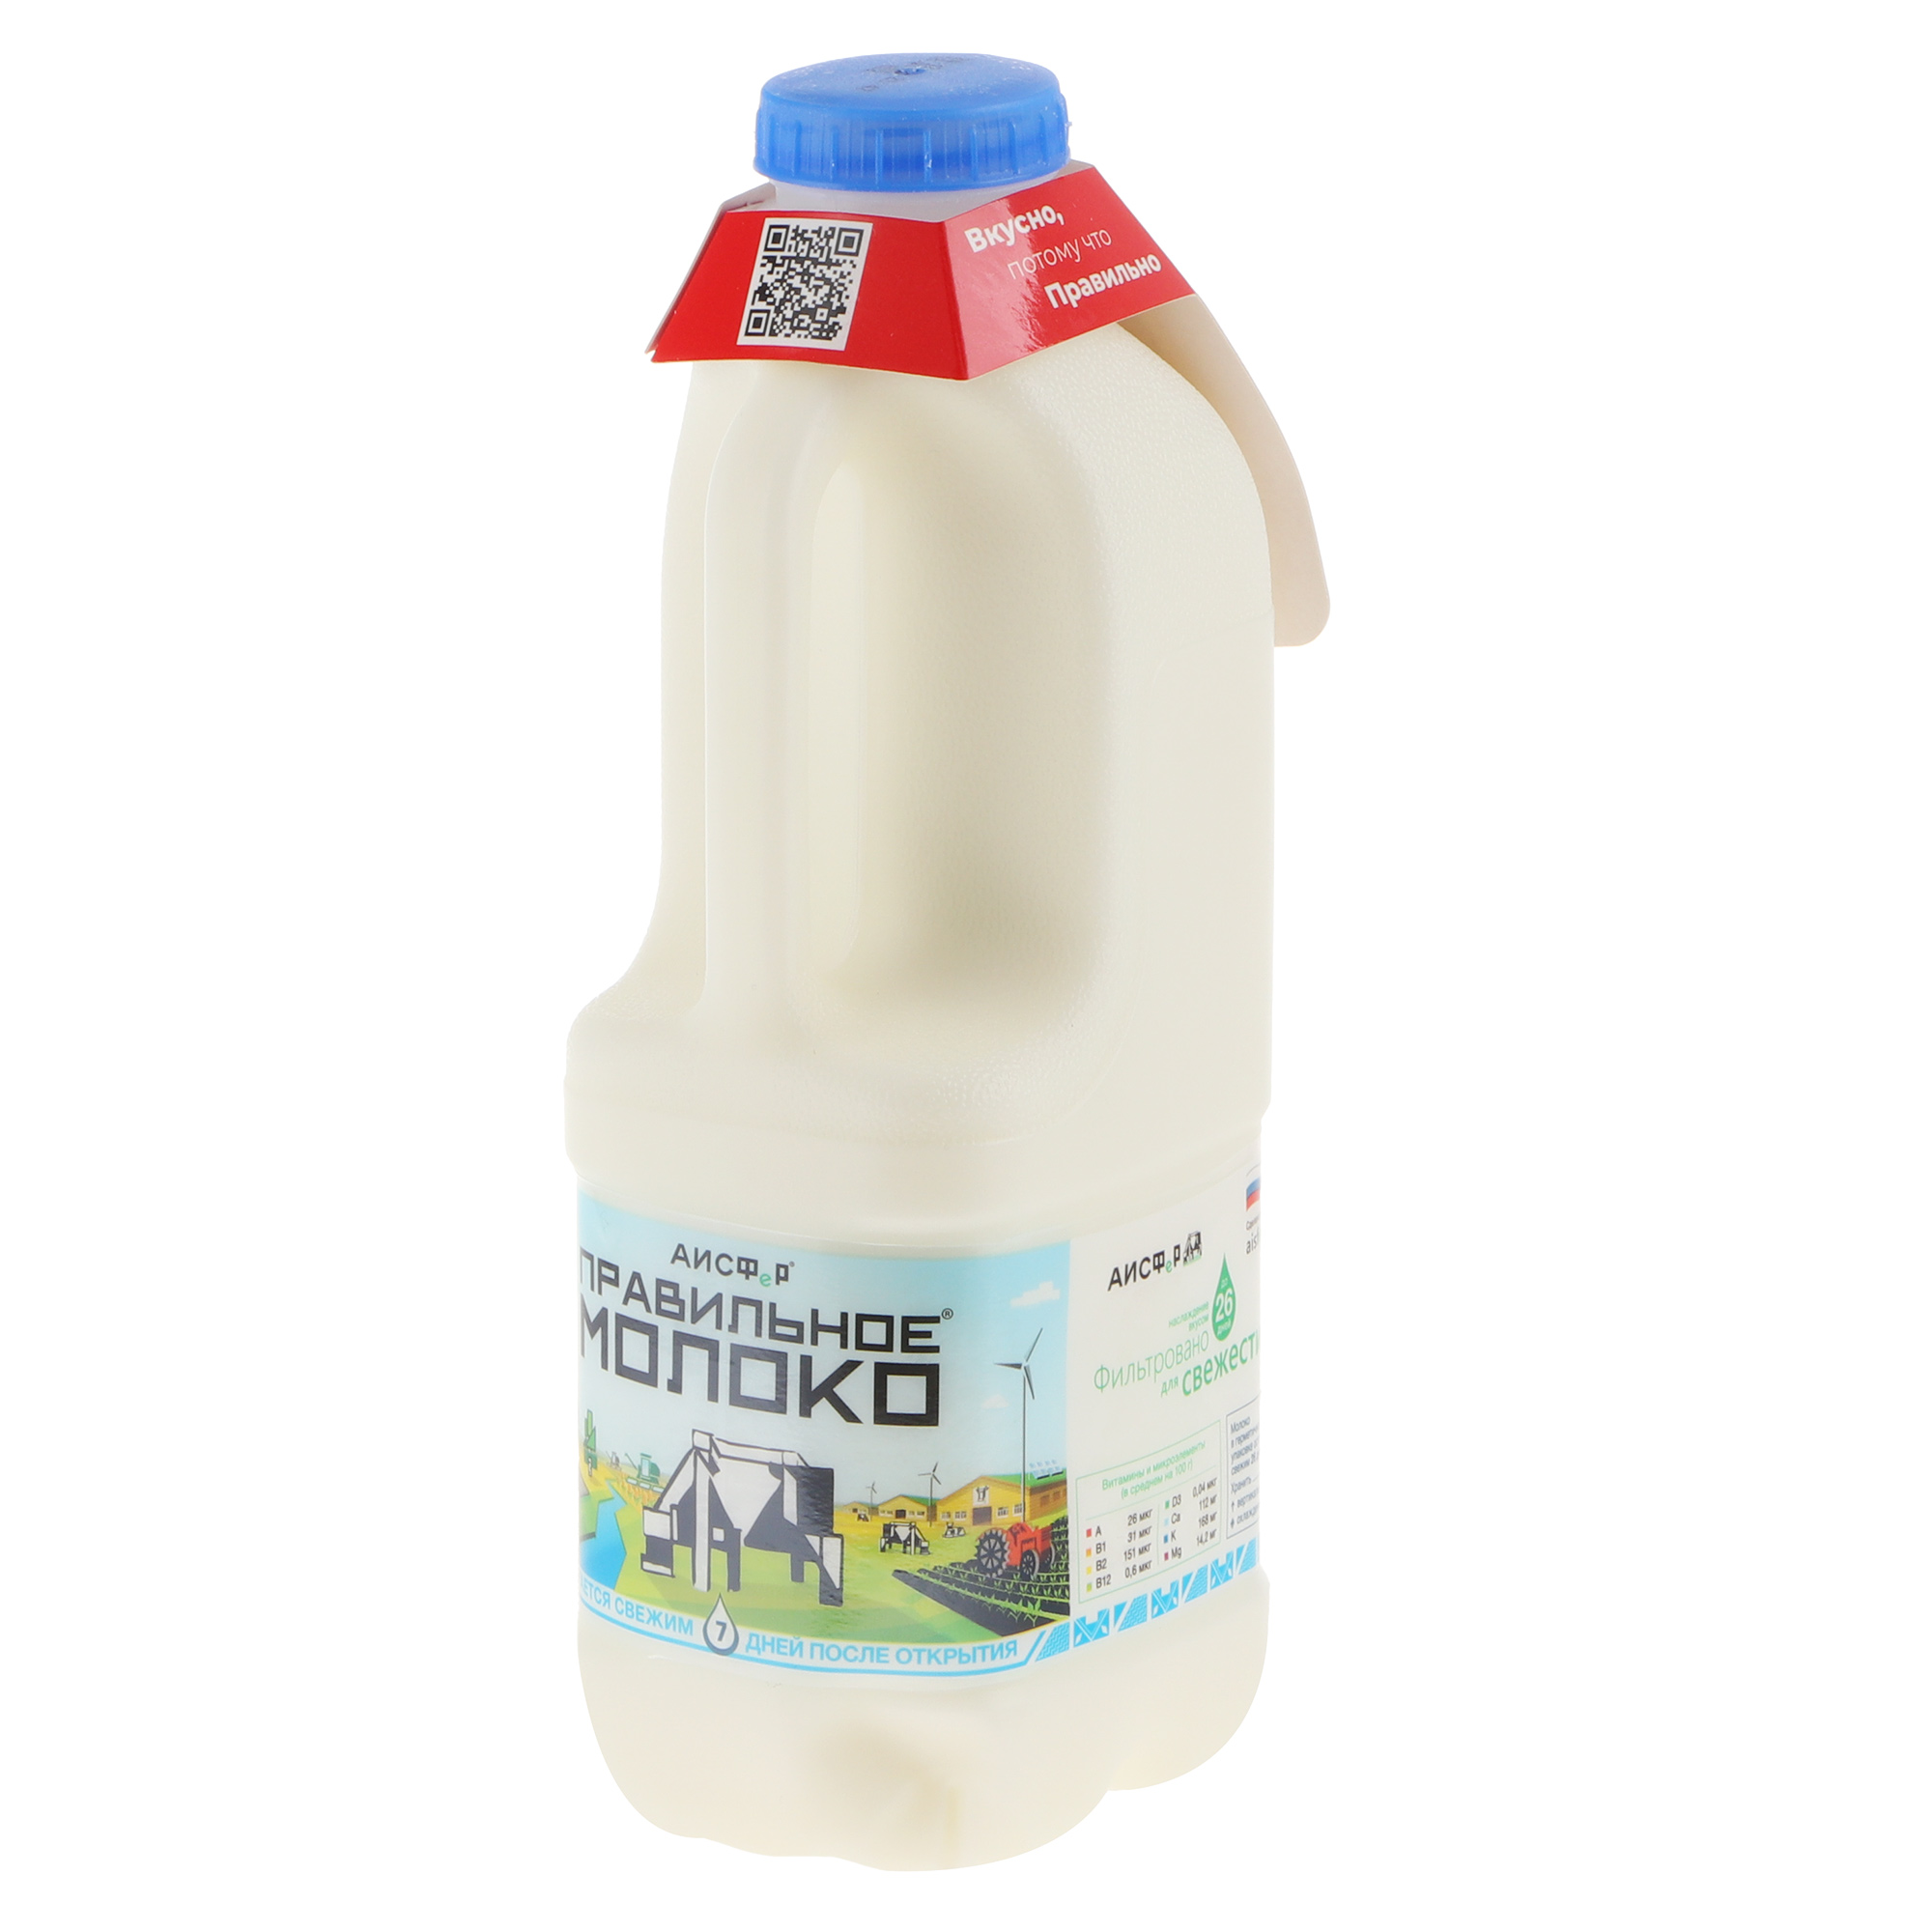 Фото - Молоко пастеризованное Правильное молоко 1,5% 0,9 л молоко